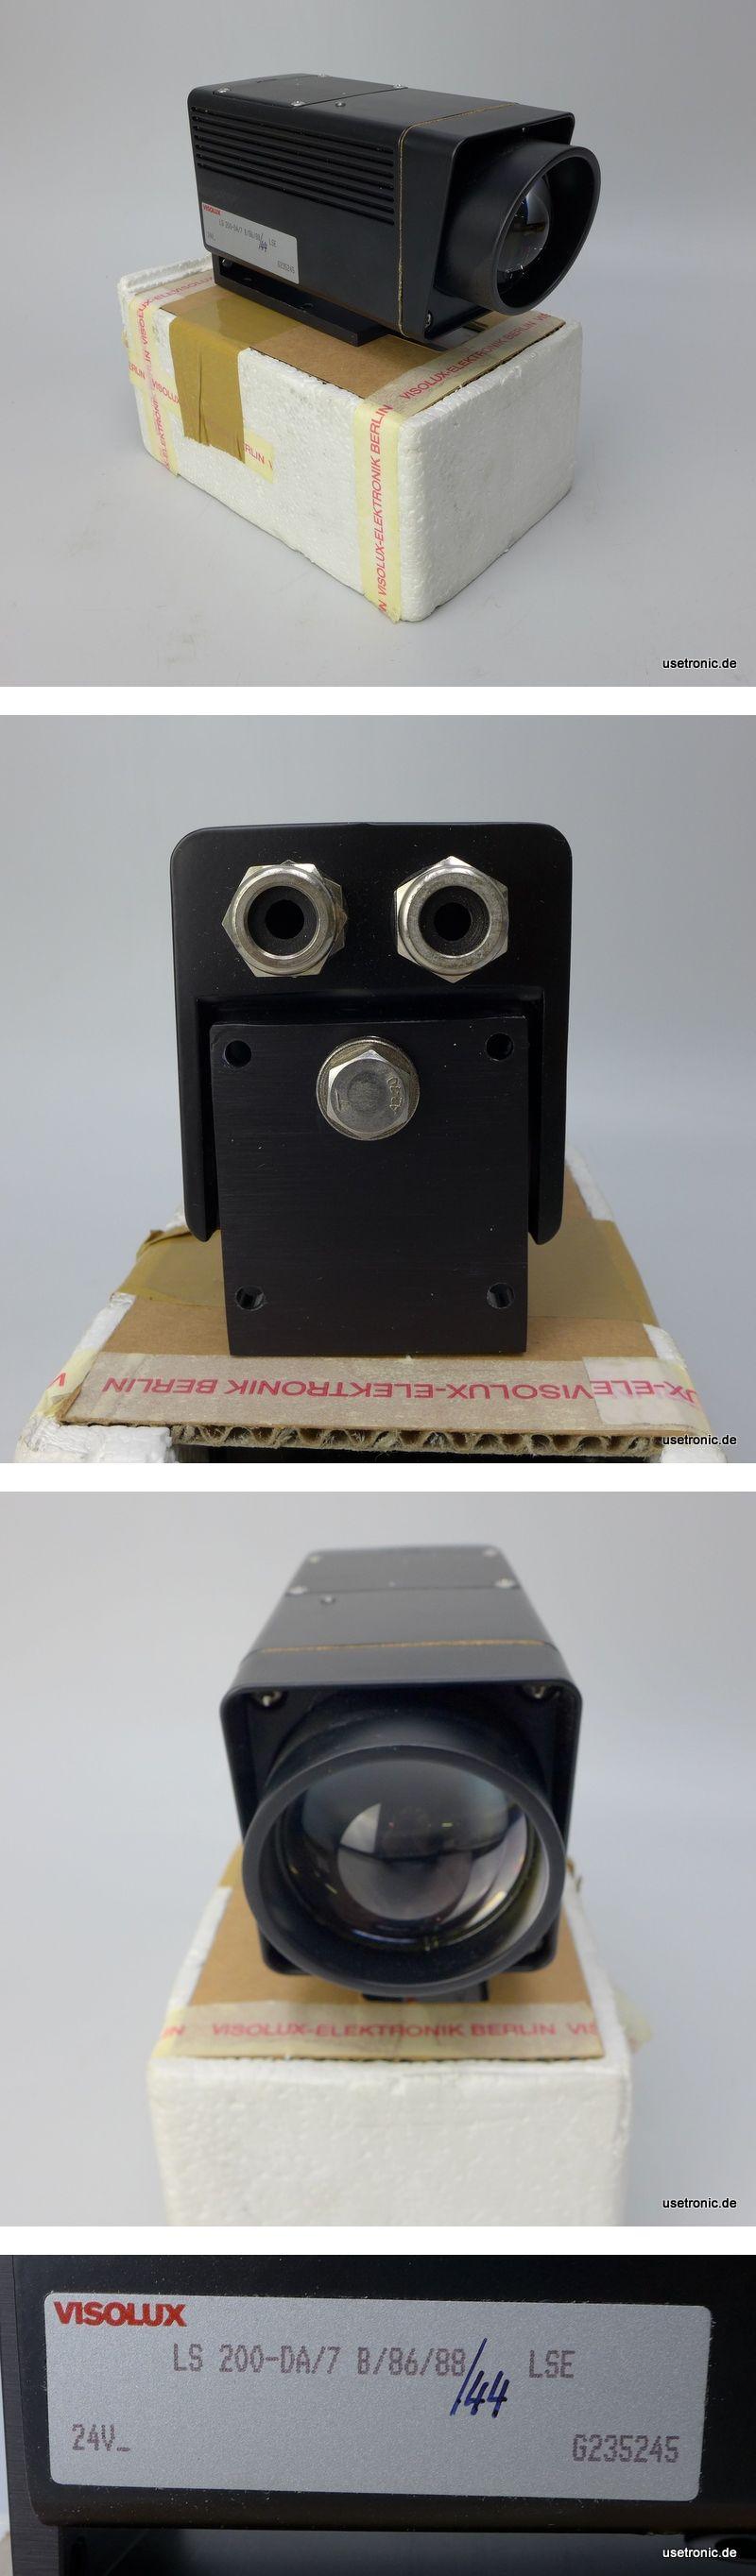 Visolux LS 200-DA/7 B/86/88/44 LSE 24V